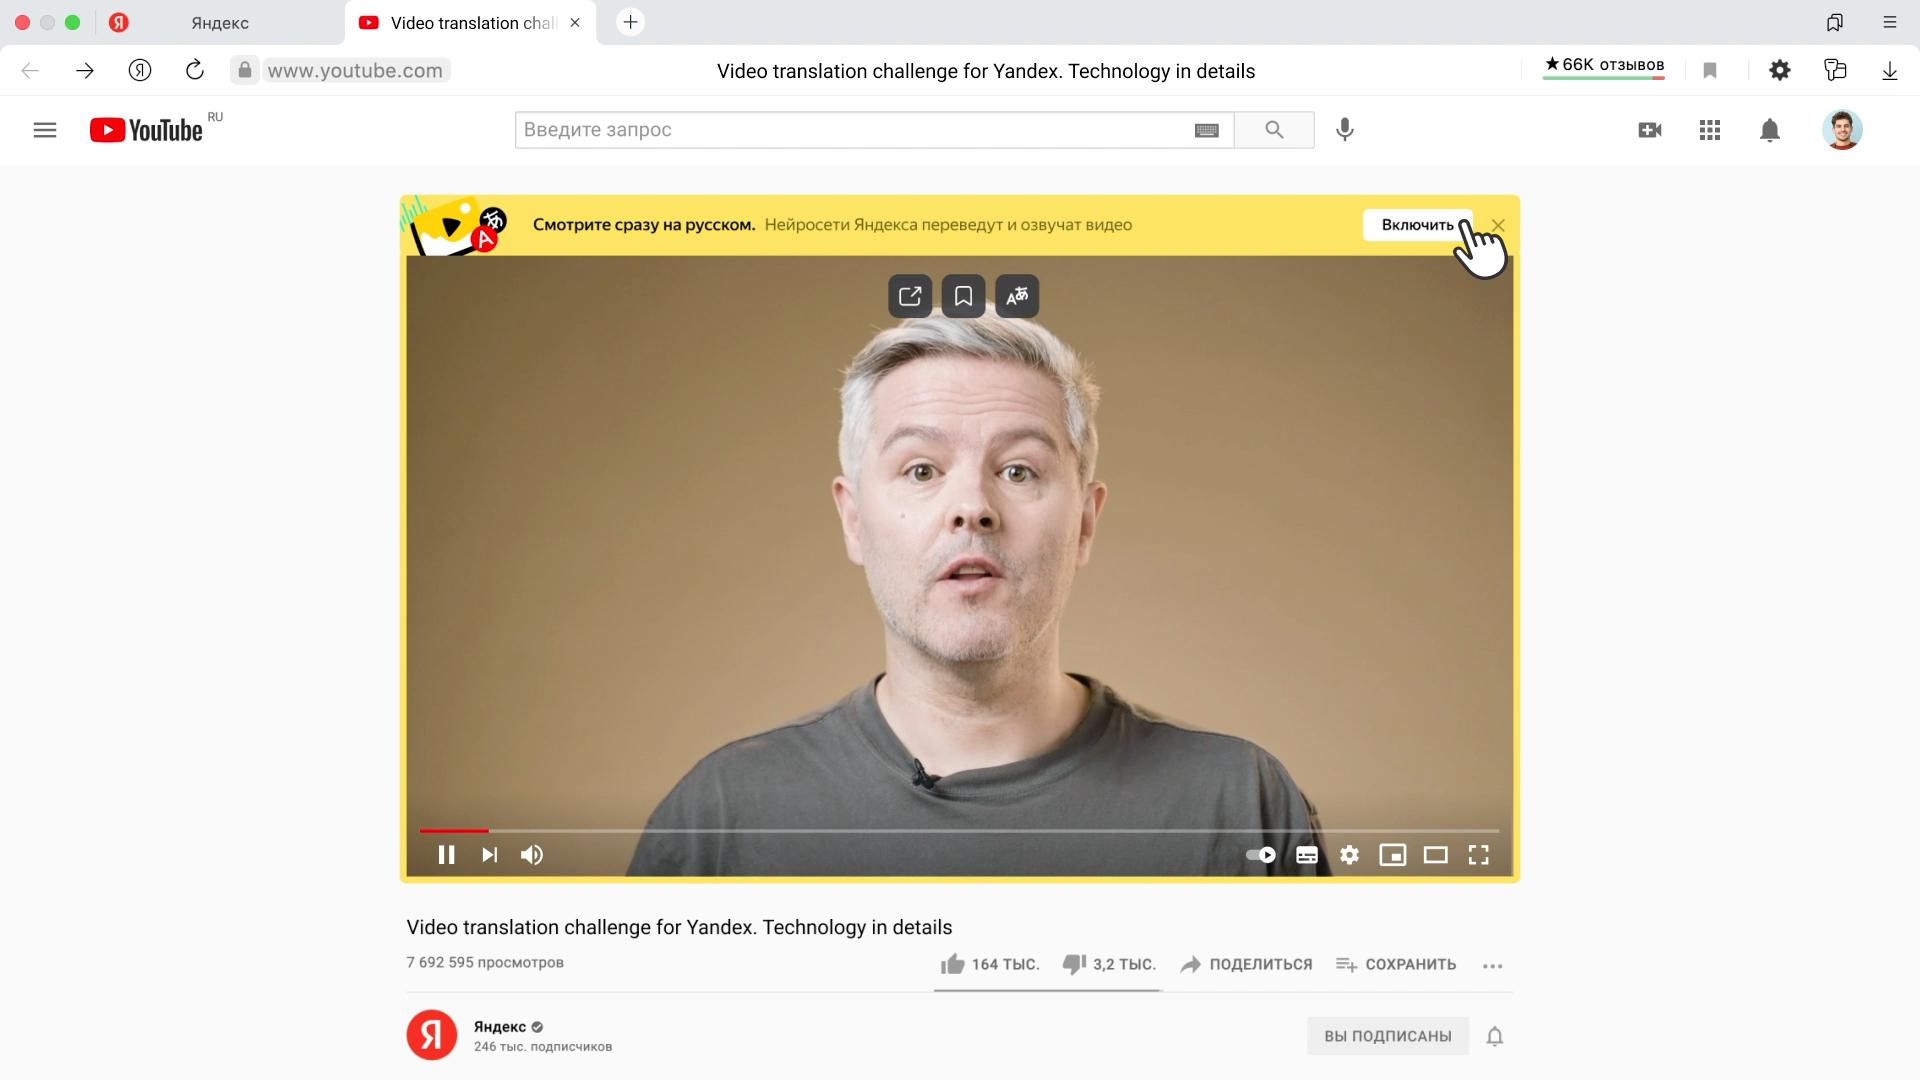 Нейросети Яндекса переведут и озвучат любое видео на английском языке